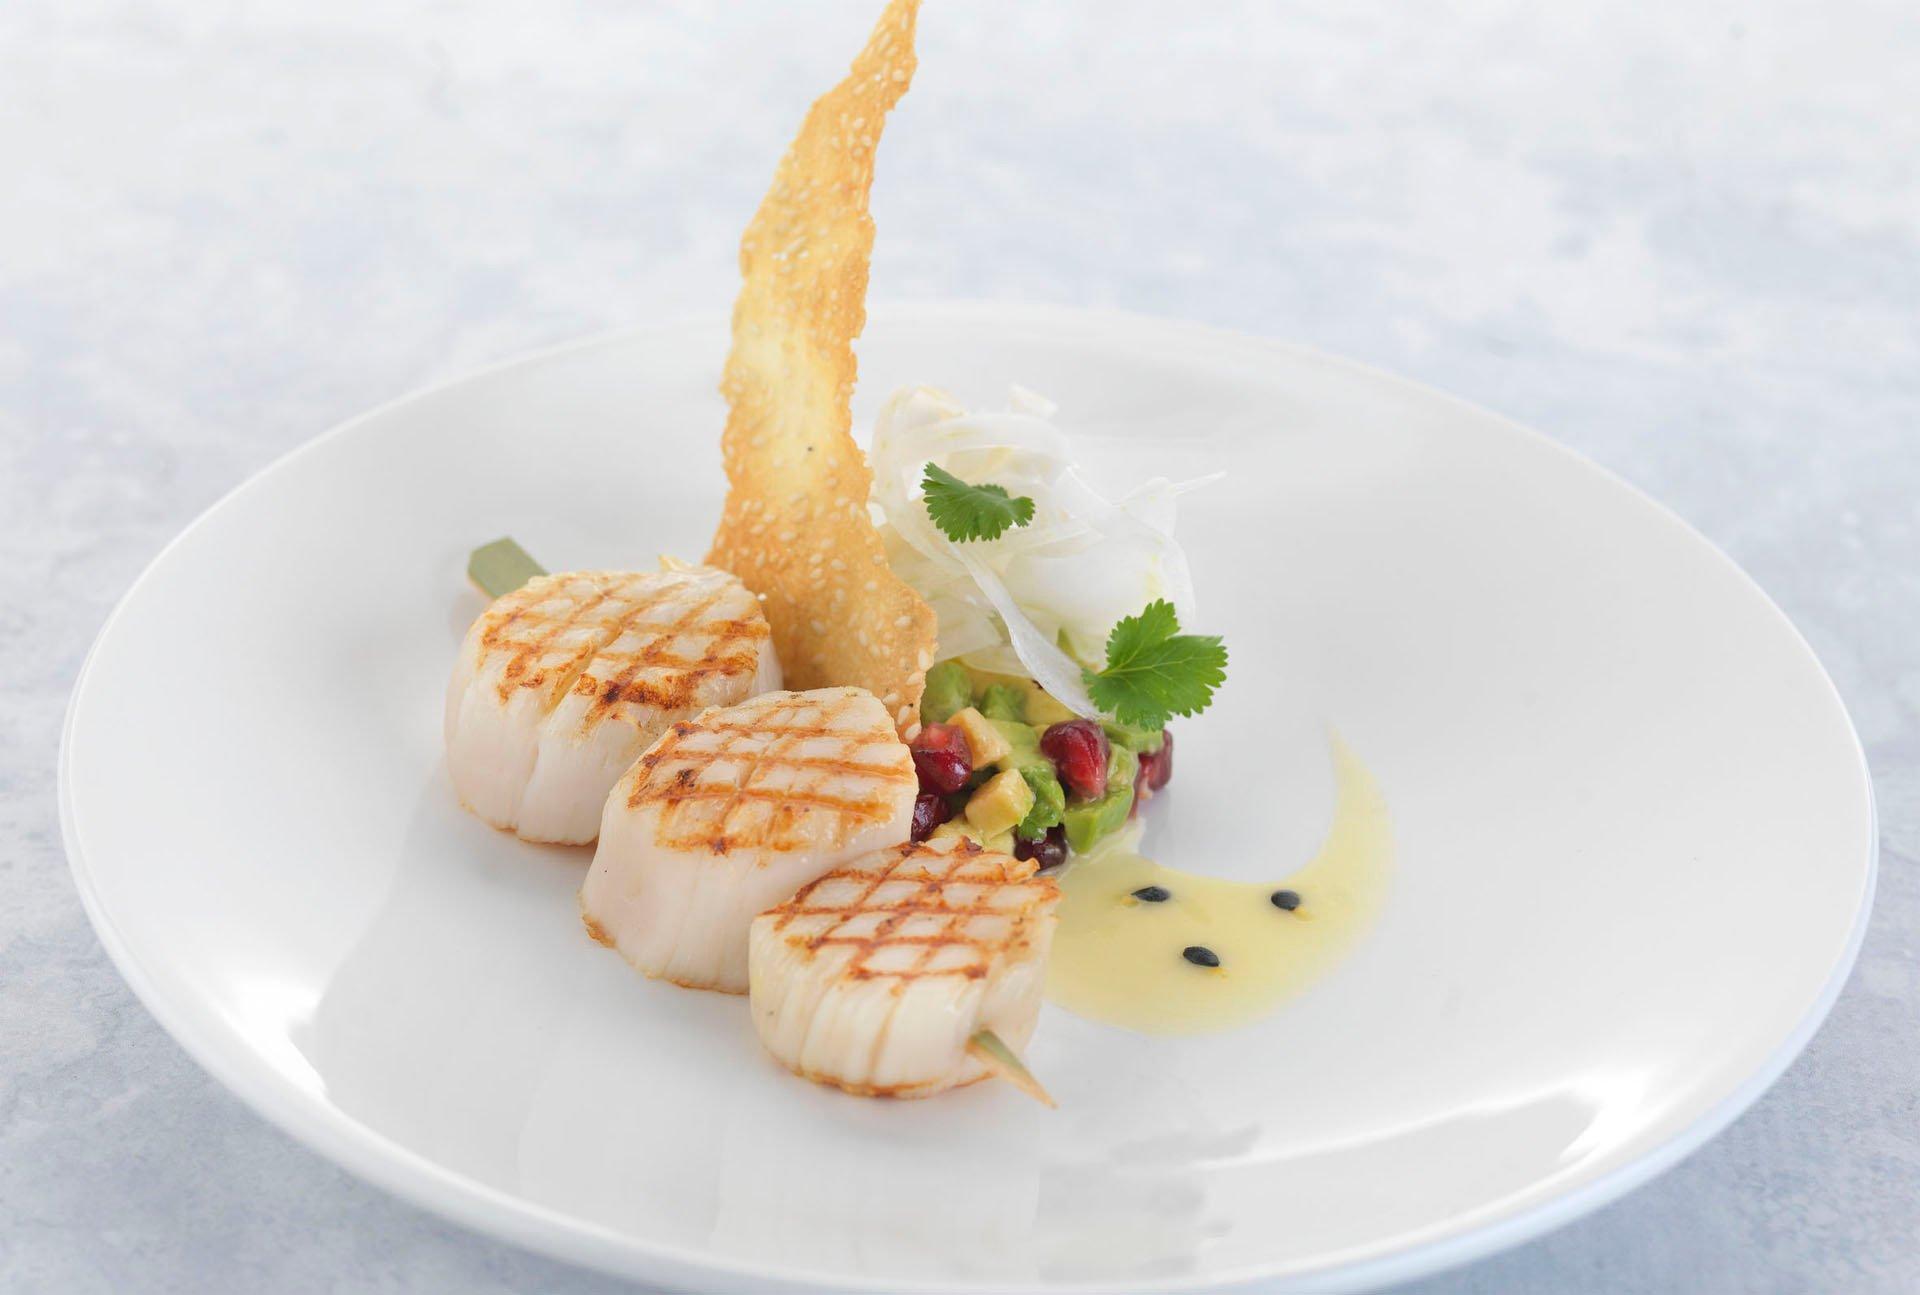 Recette Saint-jacques grillés, salade de fenouil, avocat et de grenade, sauce fruits de la passion et tuile au sésame